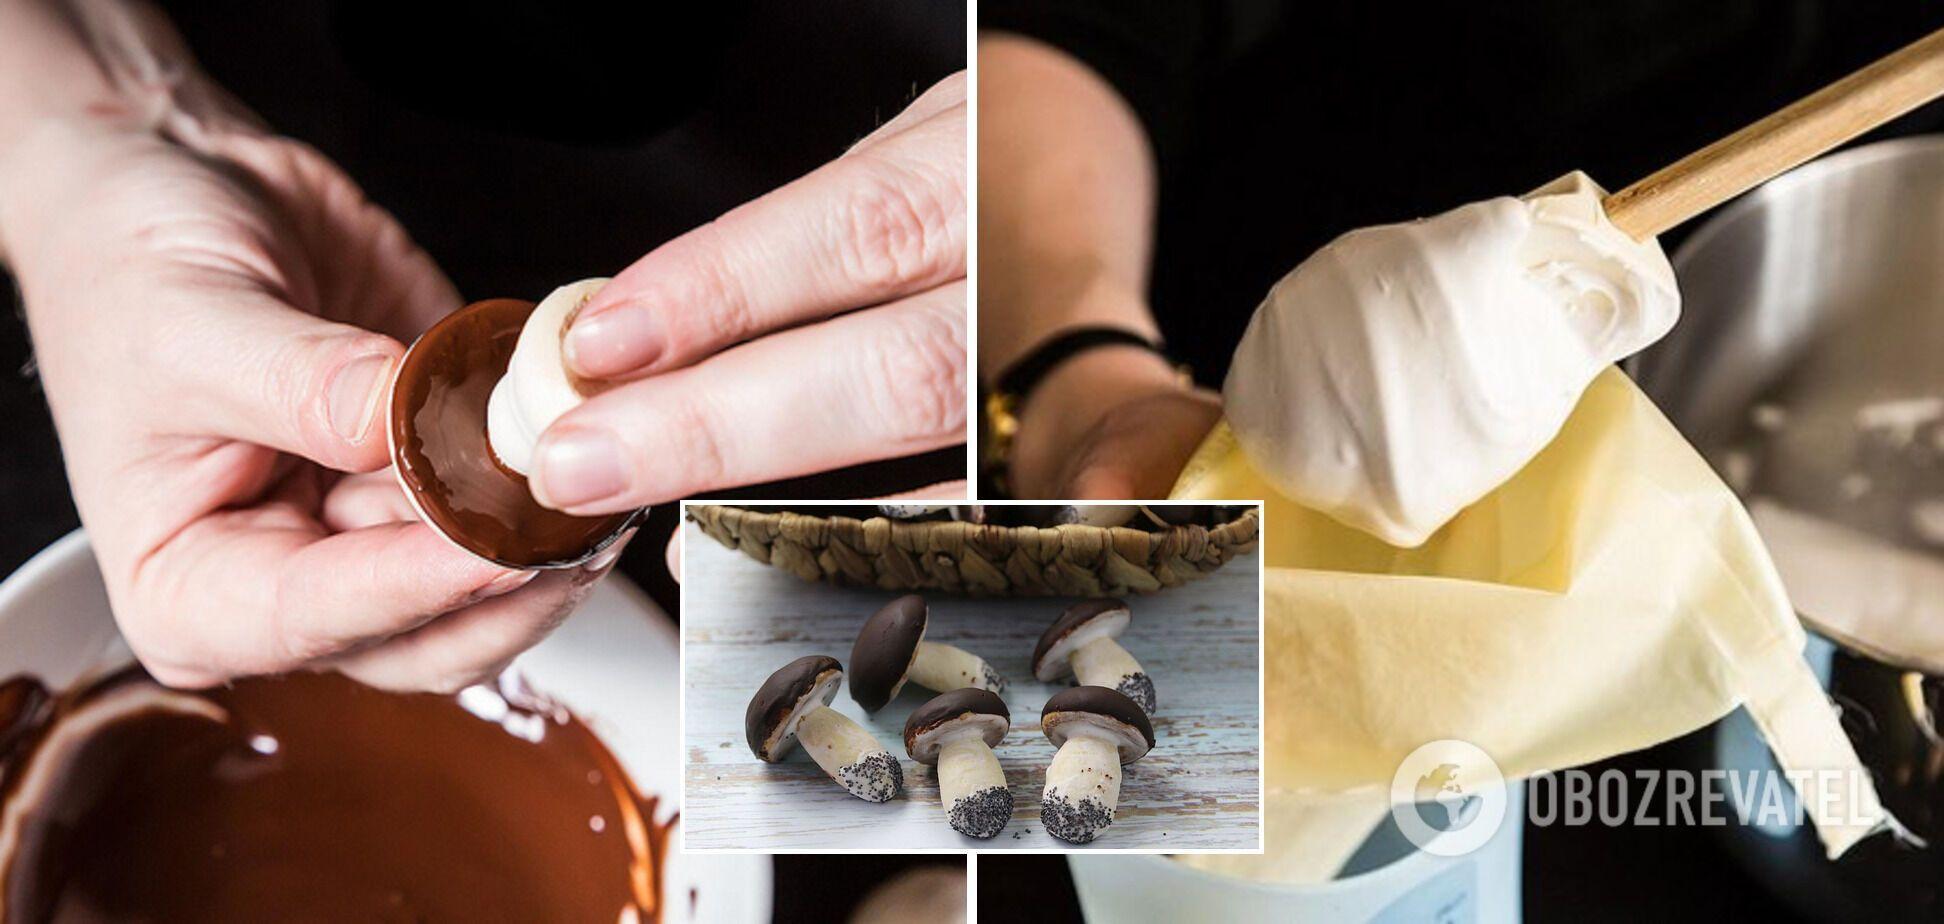 Процесс приготовления десерта